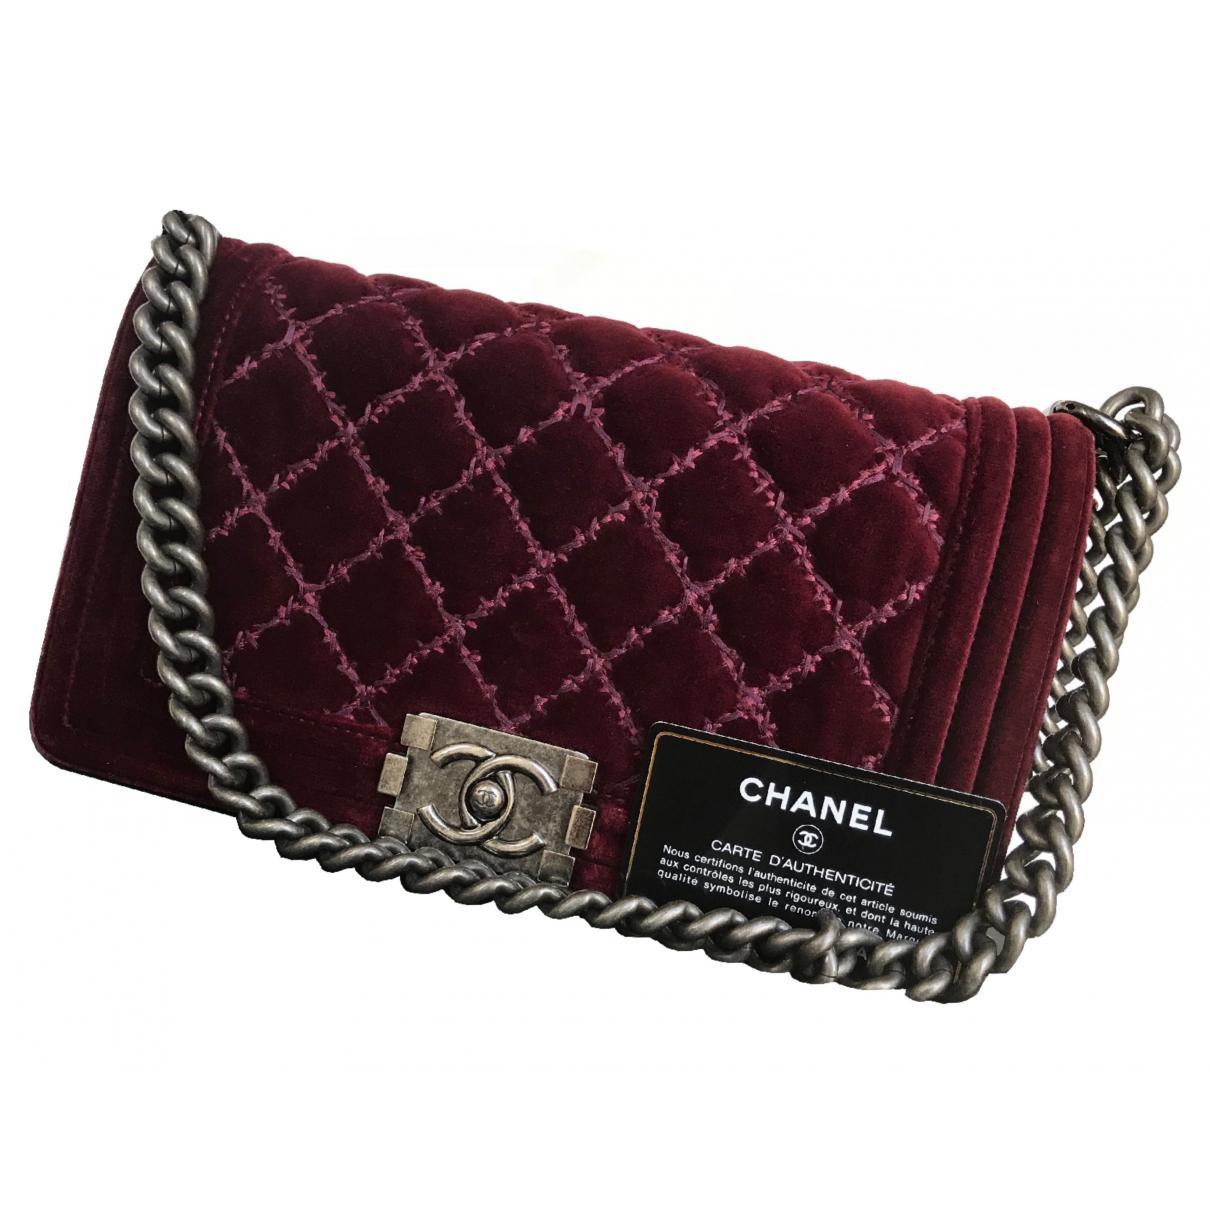 82cd667e458d Chanel Pre-owned Boy Velvet Handbag in Purple - Lyst